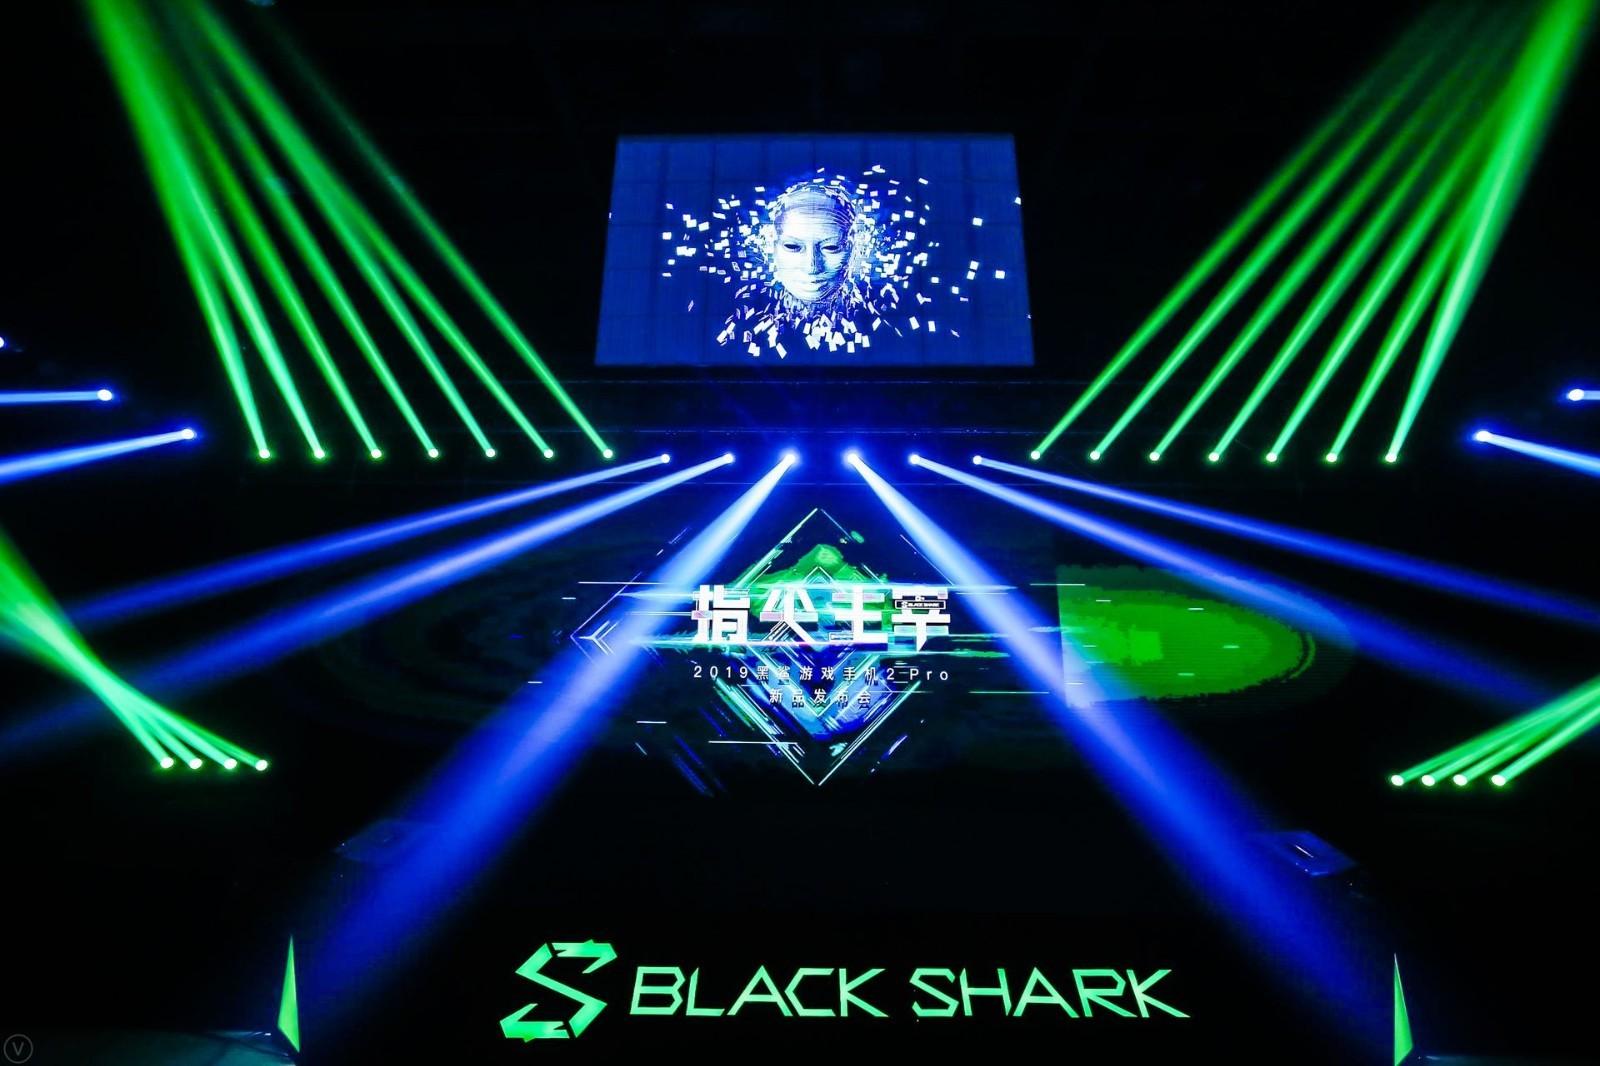 黑鲨游戏手机2 Pro正式发布,再一次引领游戏手机行业升级